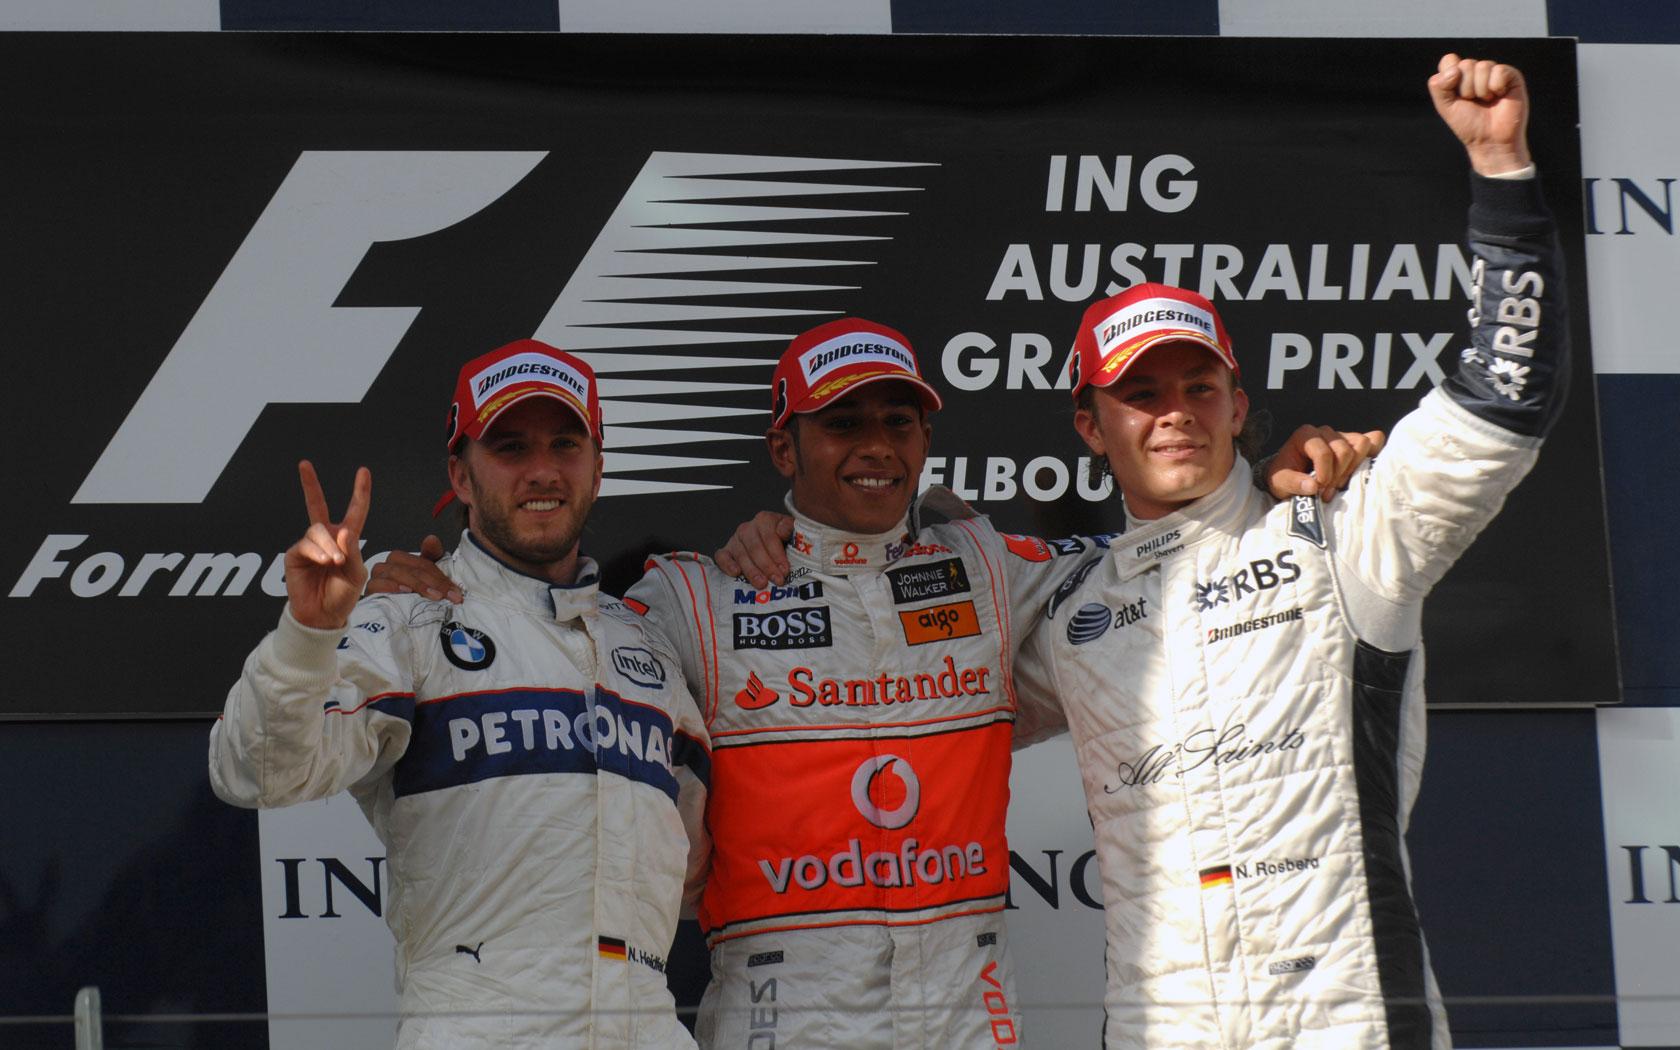 Nico Rosberg ostvario je prvo pobjedničko postolje u karijeri na VN Australije 2008. i prvo za Williams od Wurzovog postolja u Kanadi 2007. (16.3.2008.) Foto: f1fansite